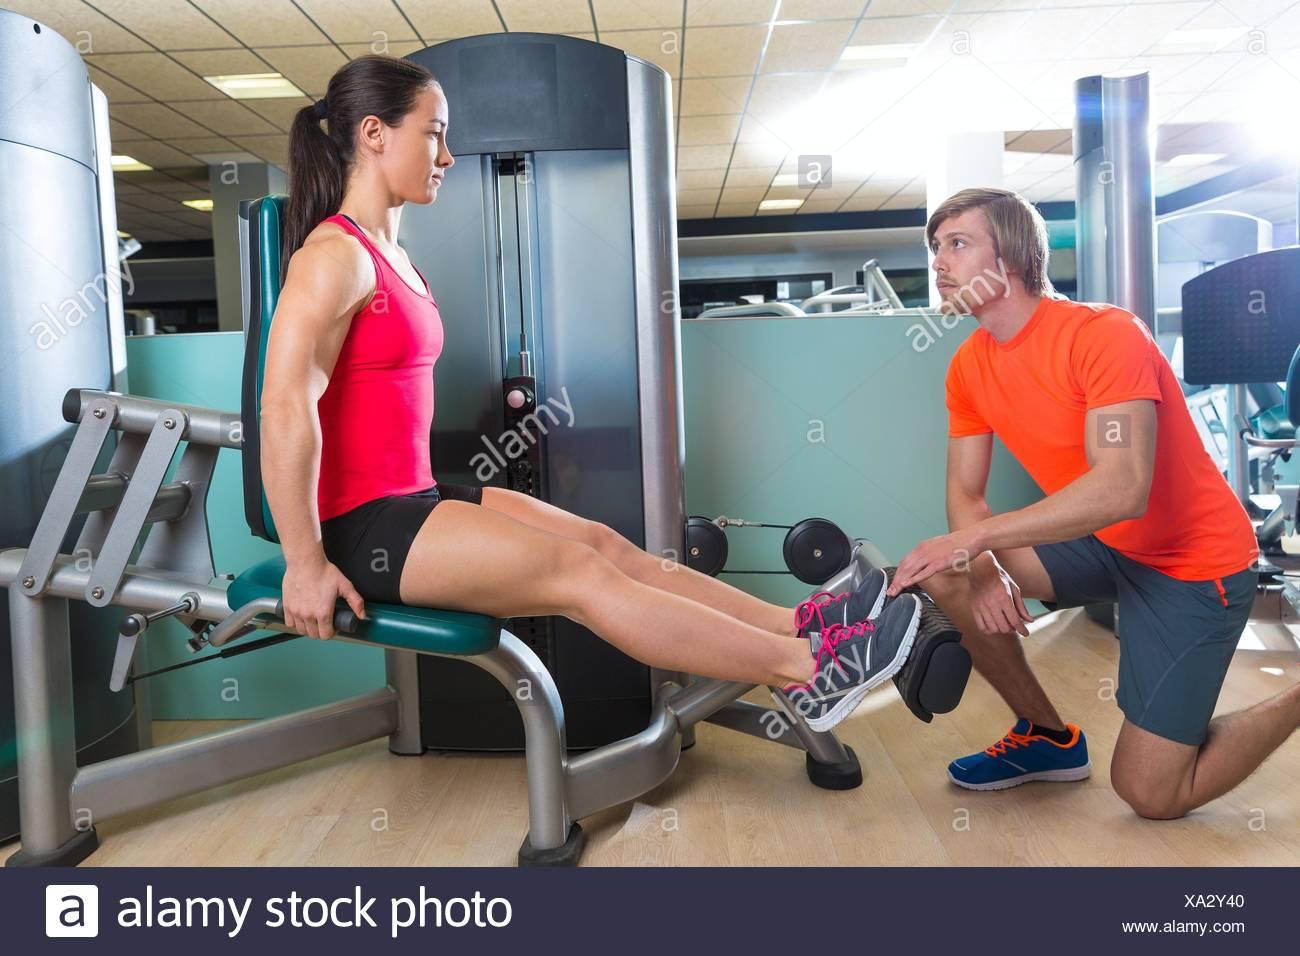 Mujer en la extensión de la pantorrilla máquina de ejercicios de entrenamiento de gimnasio y entrenador personal de la mujer. Imagen De Stock